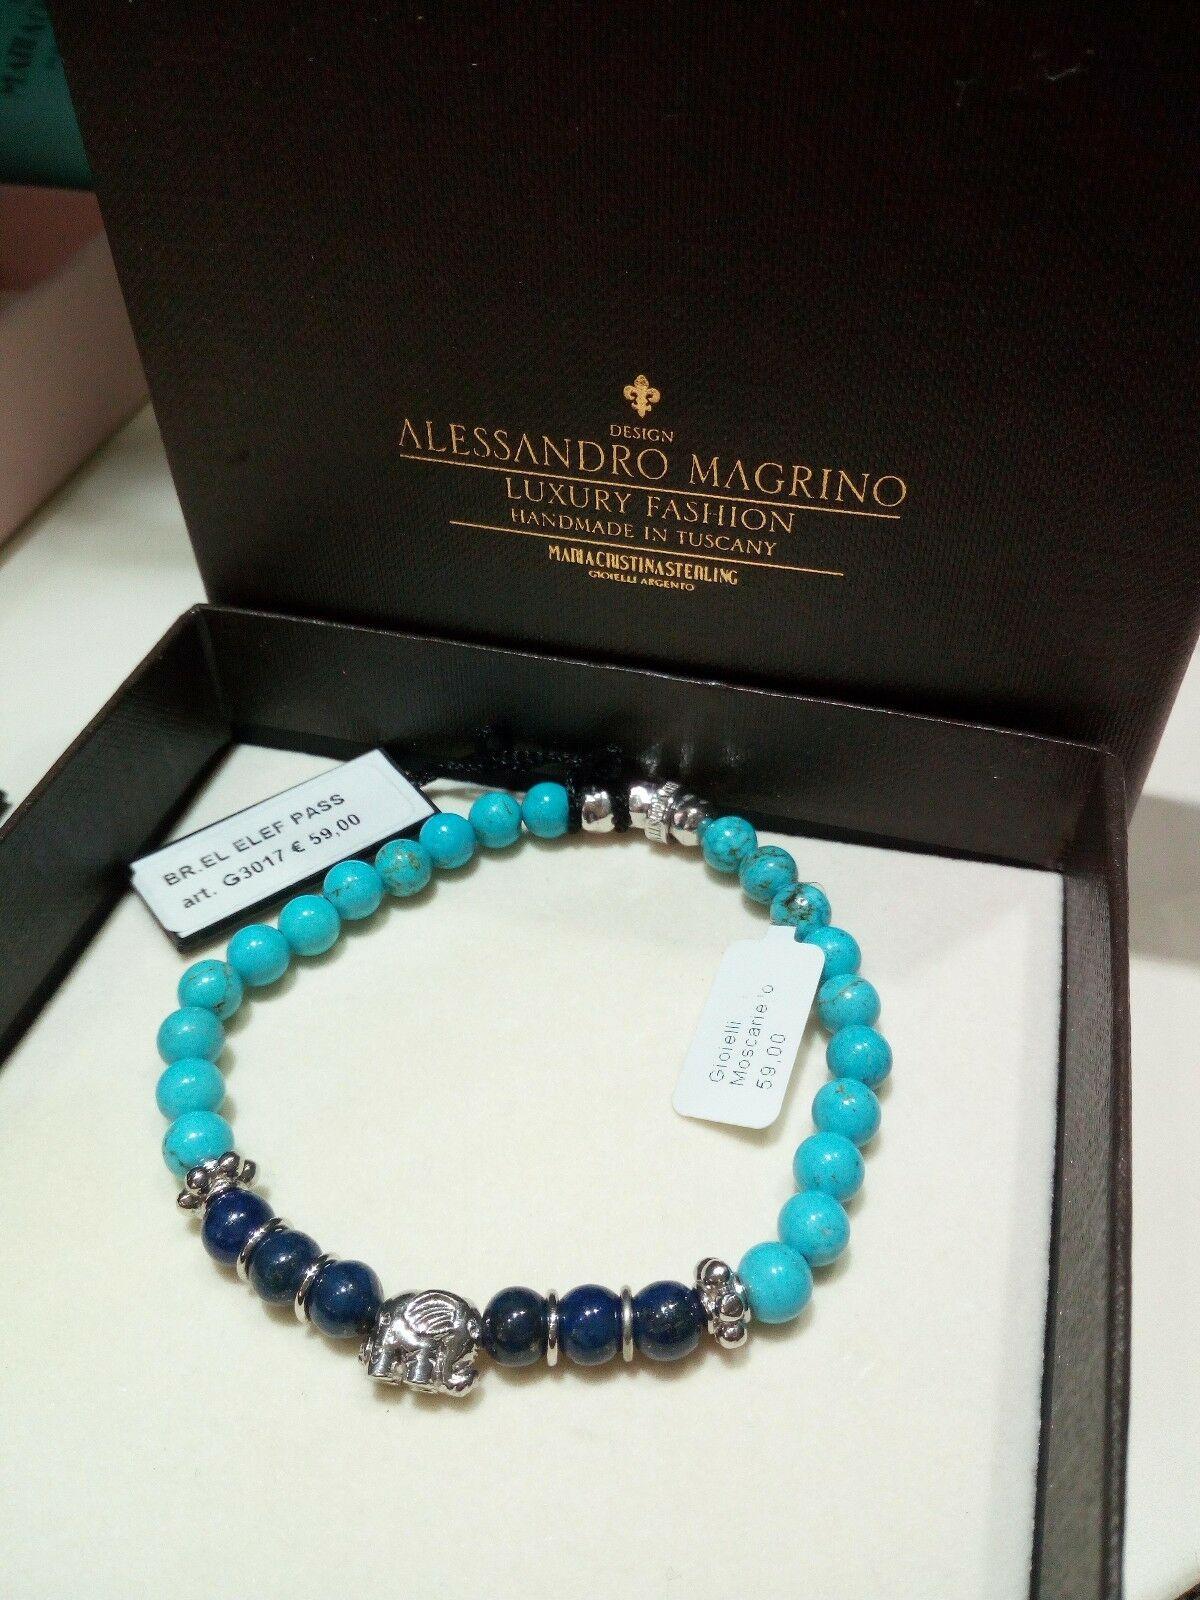 Bracciale Maria Cristina Sterling Argento Ebano e Aulite G3017